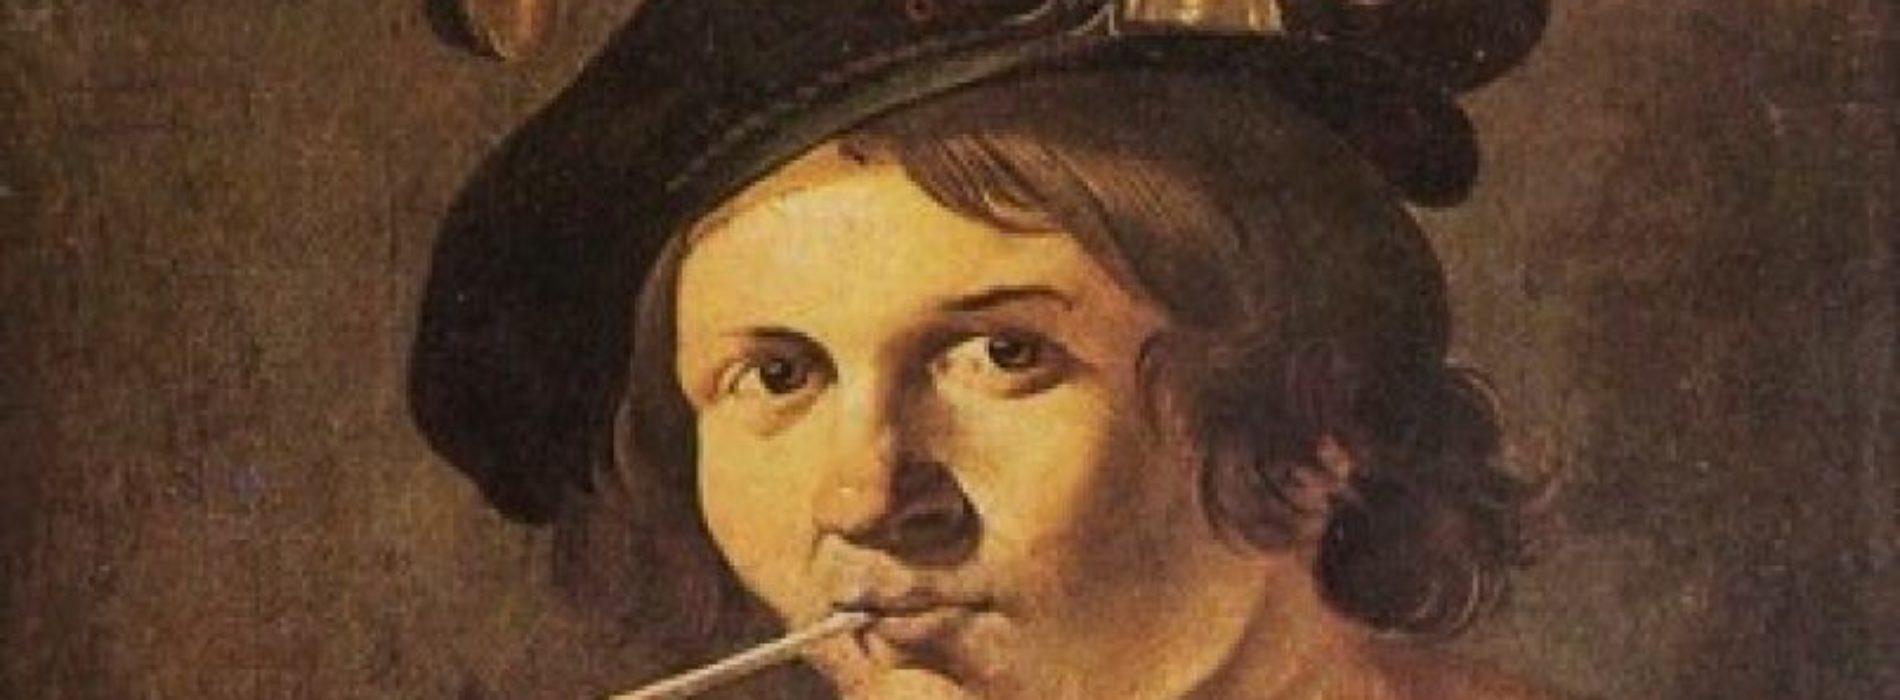 Masaniello, il pescivendolo che guidò la rivoluzione